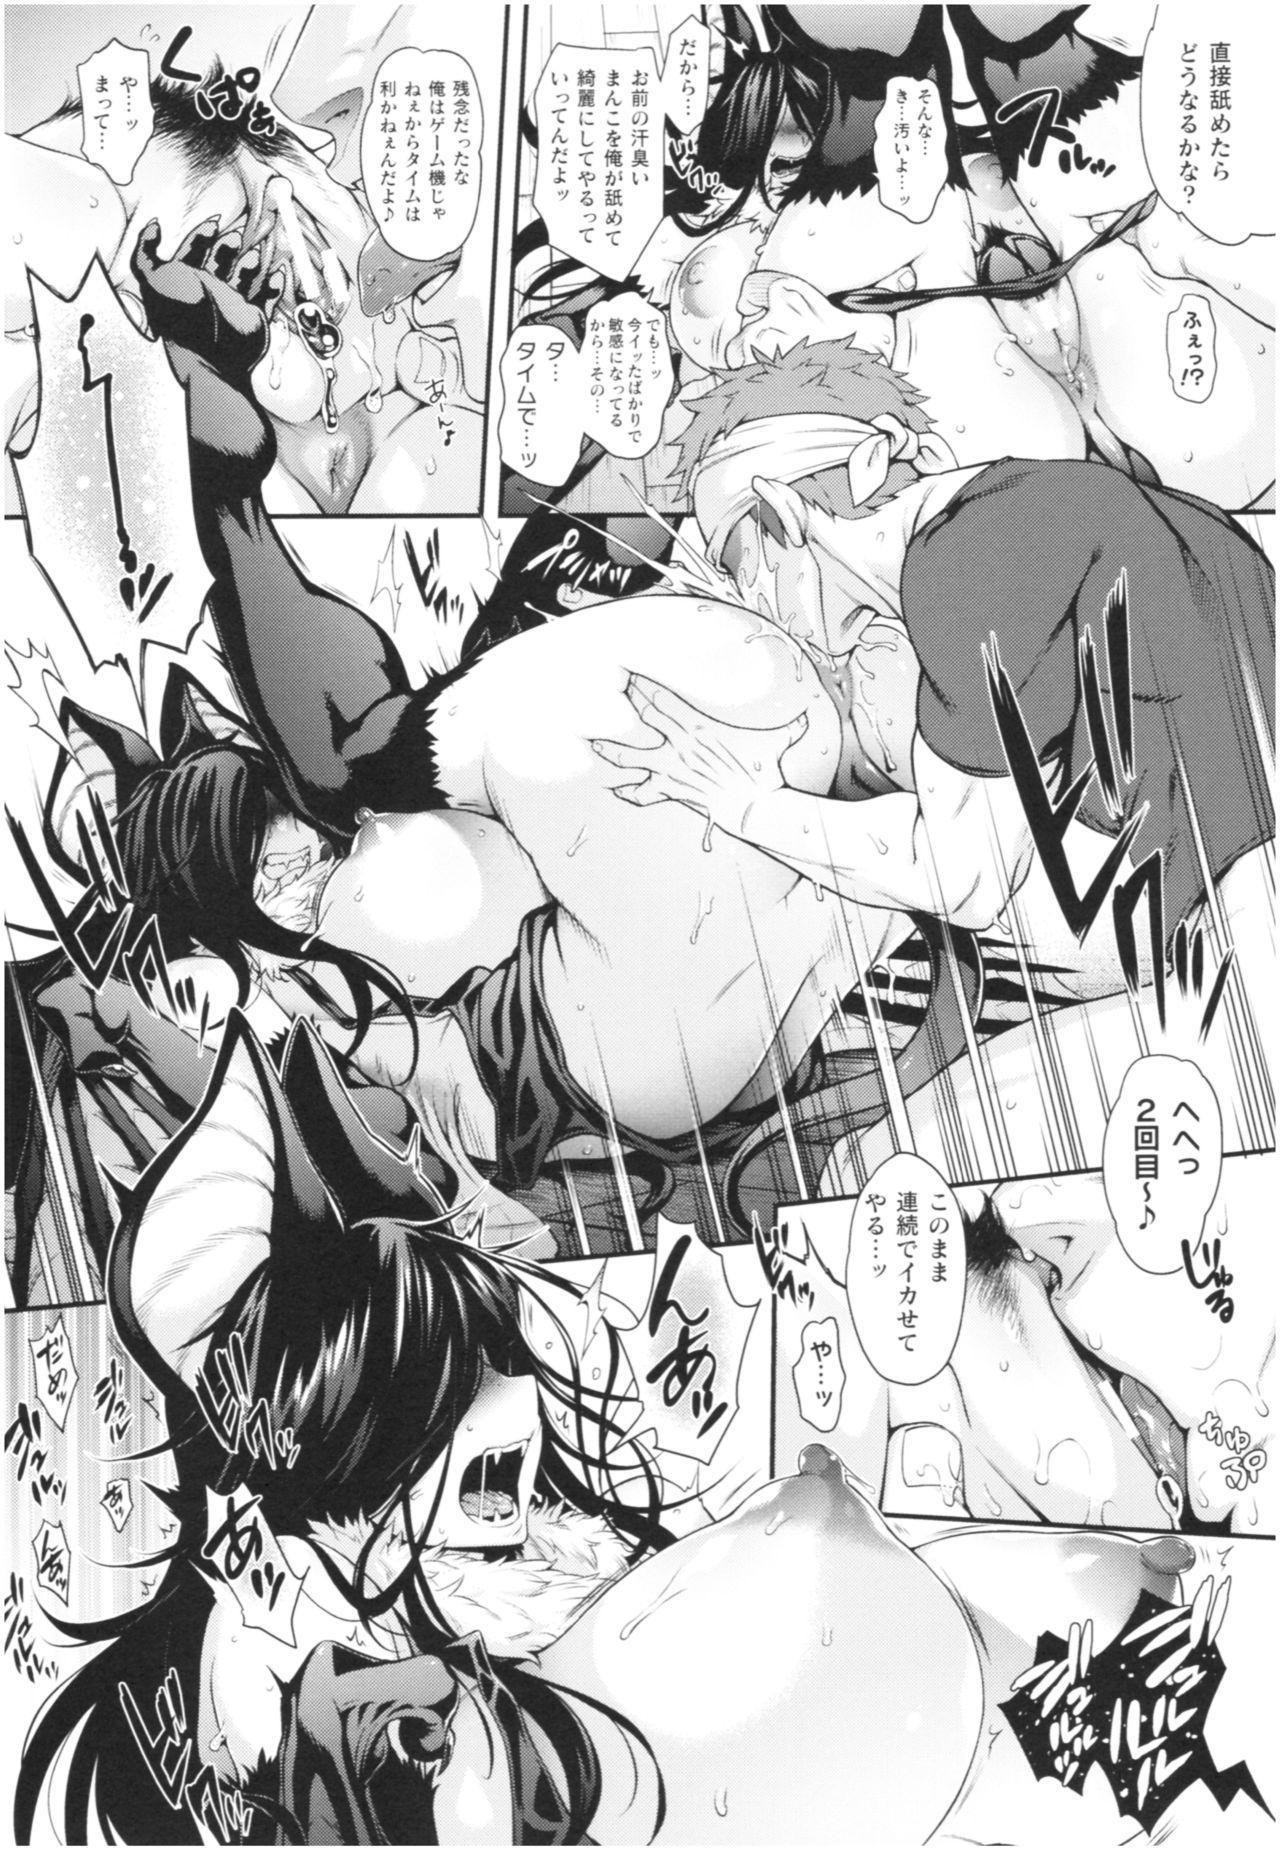 Kemonokko Tsushin 149